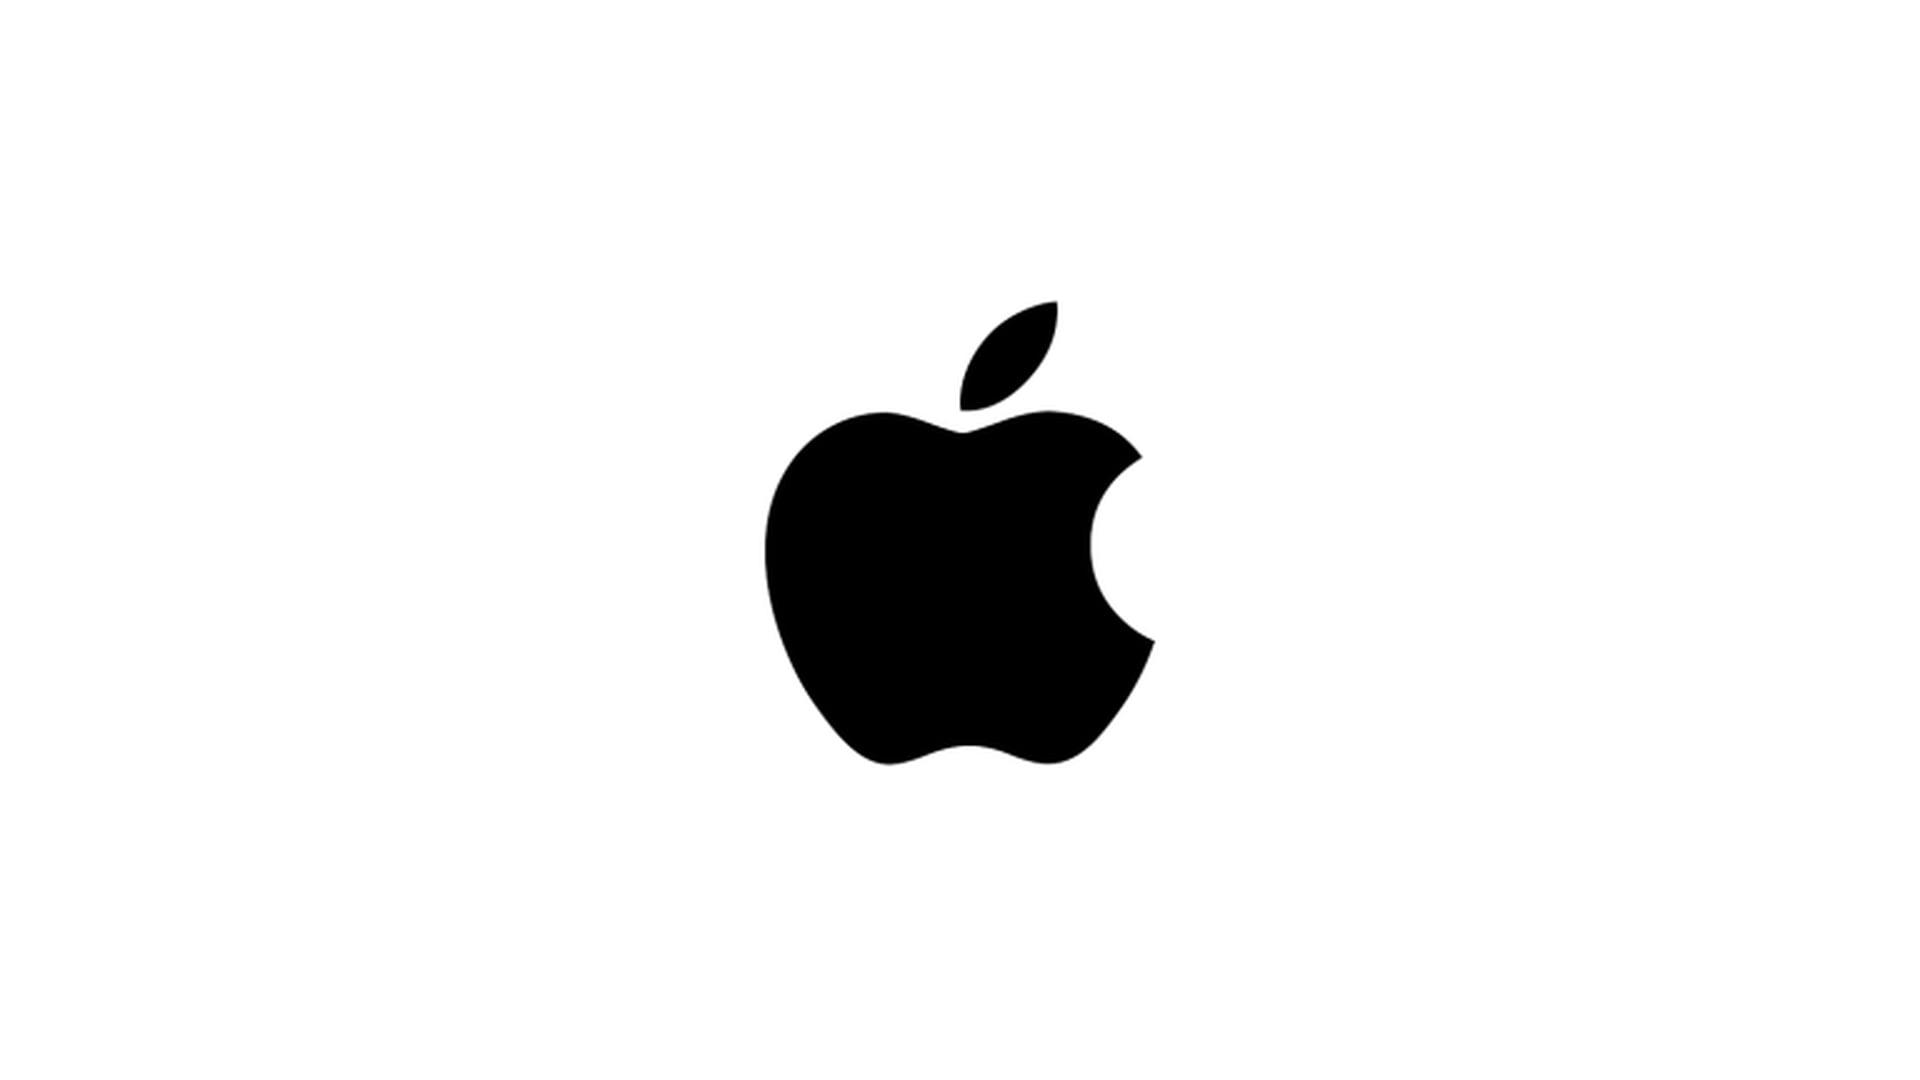 Firma Apple nie podpisuje już systemu iOS/iPadOS 14.7